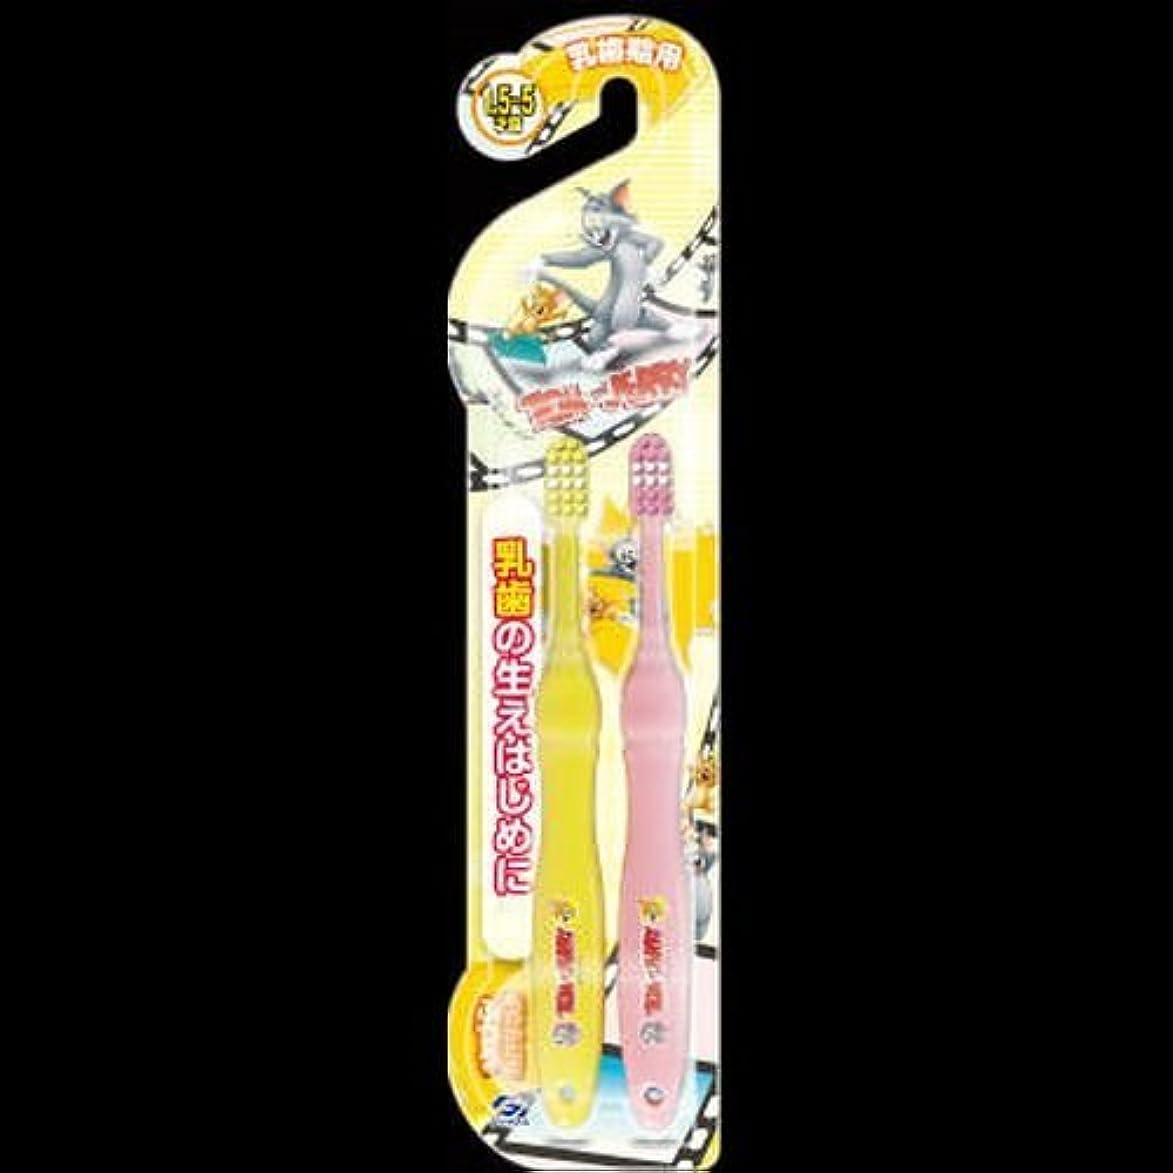 破壊的なホップトレイルトム&ジェリーハブラシ 乳歯期用(1.5-5才) 2本組 ×2セット